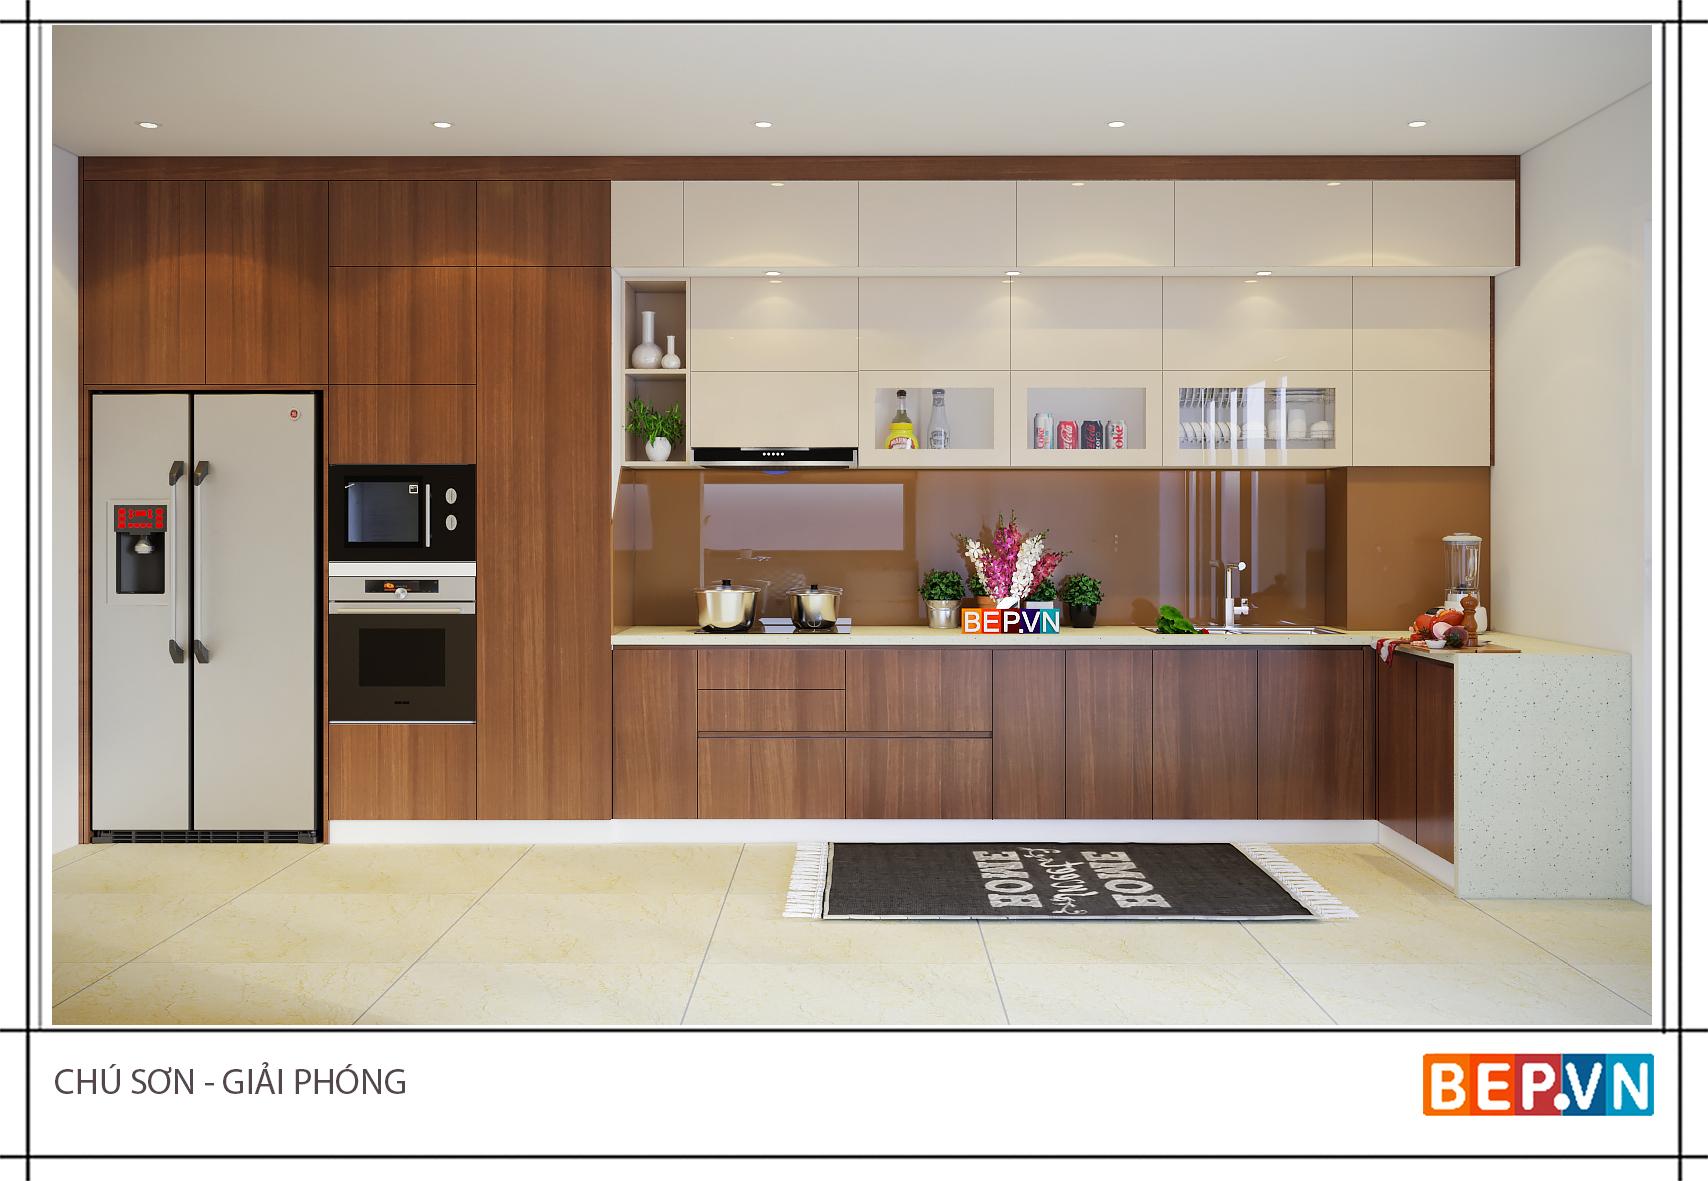 Thiết kế tủ bếp đẹp hiện đại gia đình chú Sơn